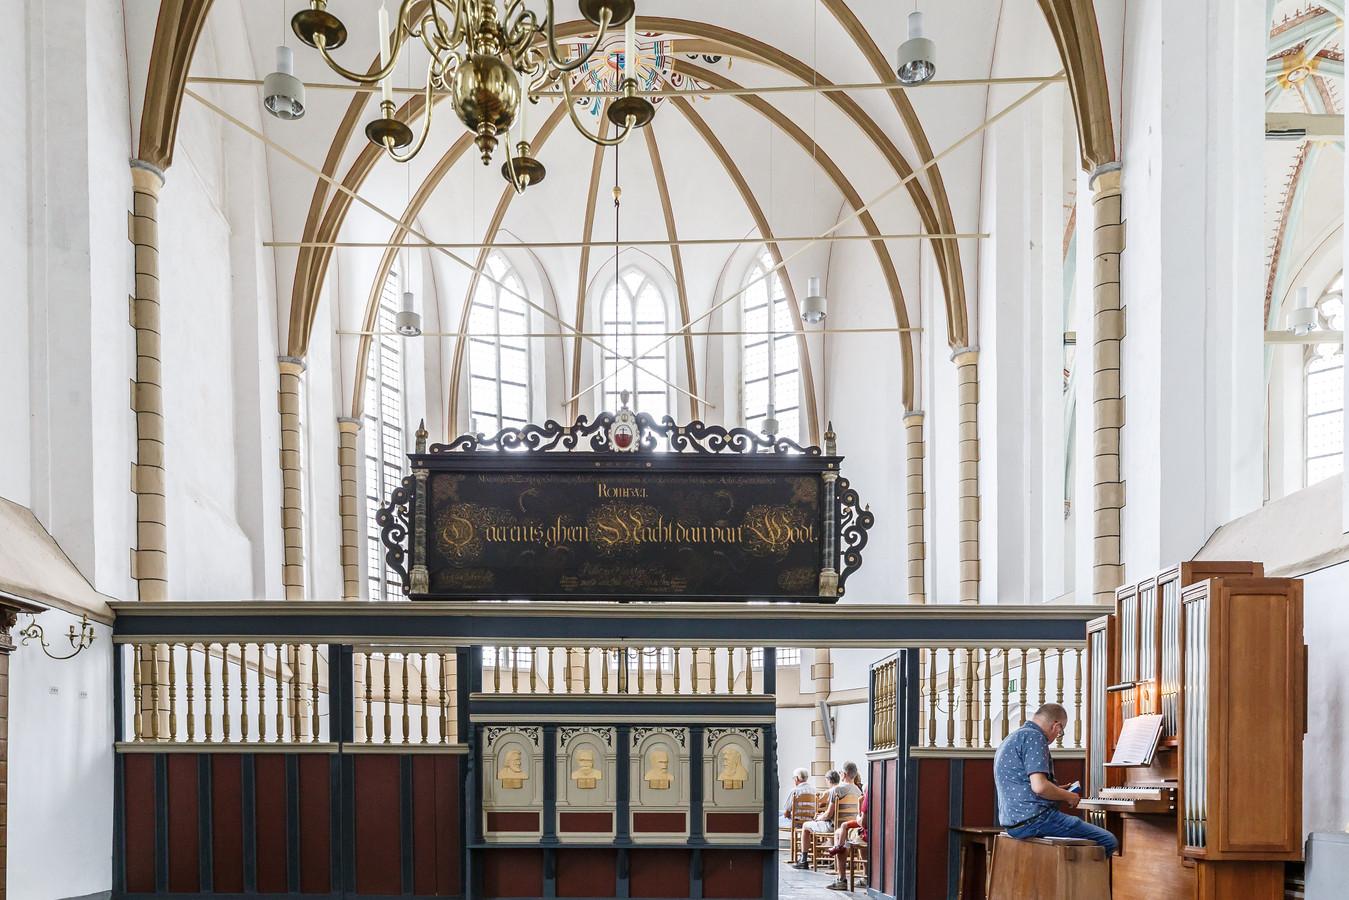 Interieur Grote Kerk of Sint-Clemenskerk met priesterkoor met de vier hoofden van de vier evangelisten.